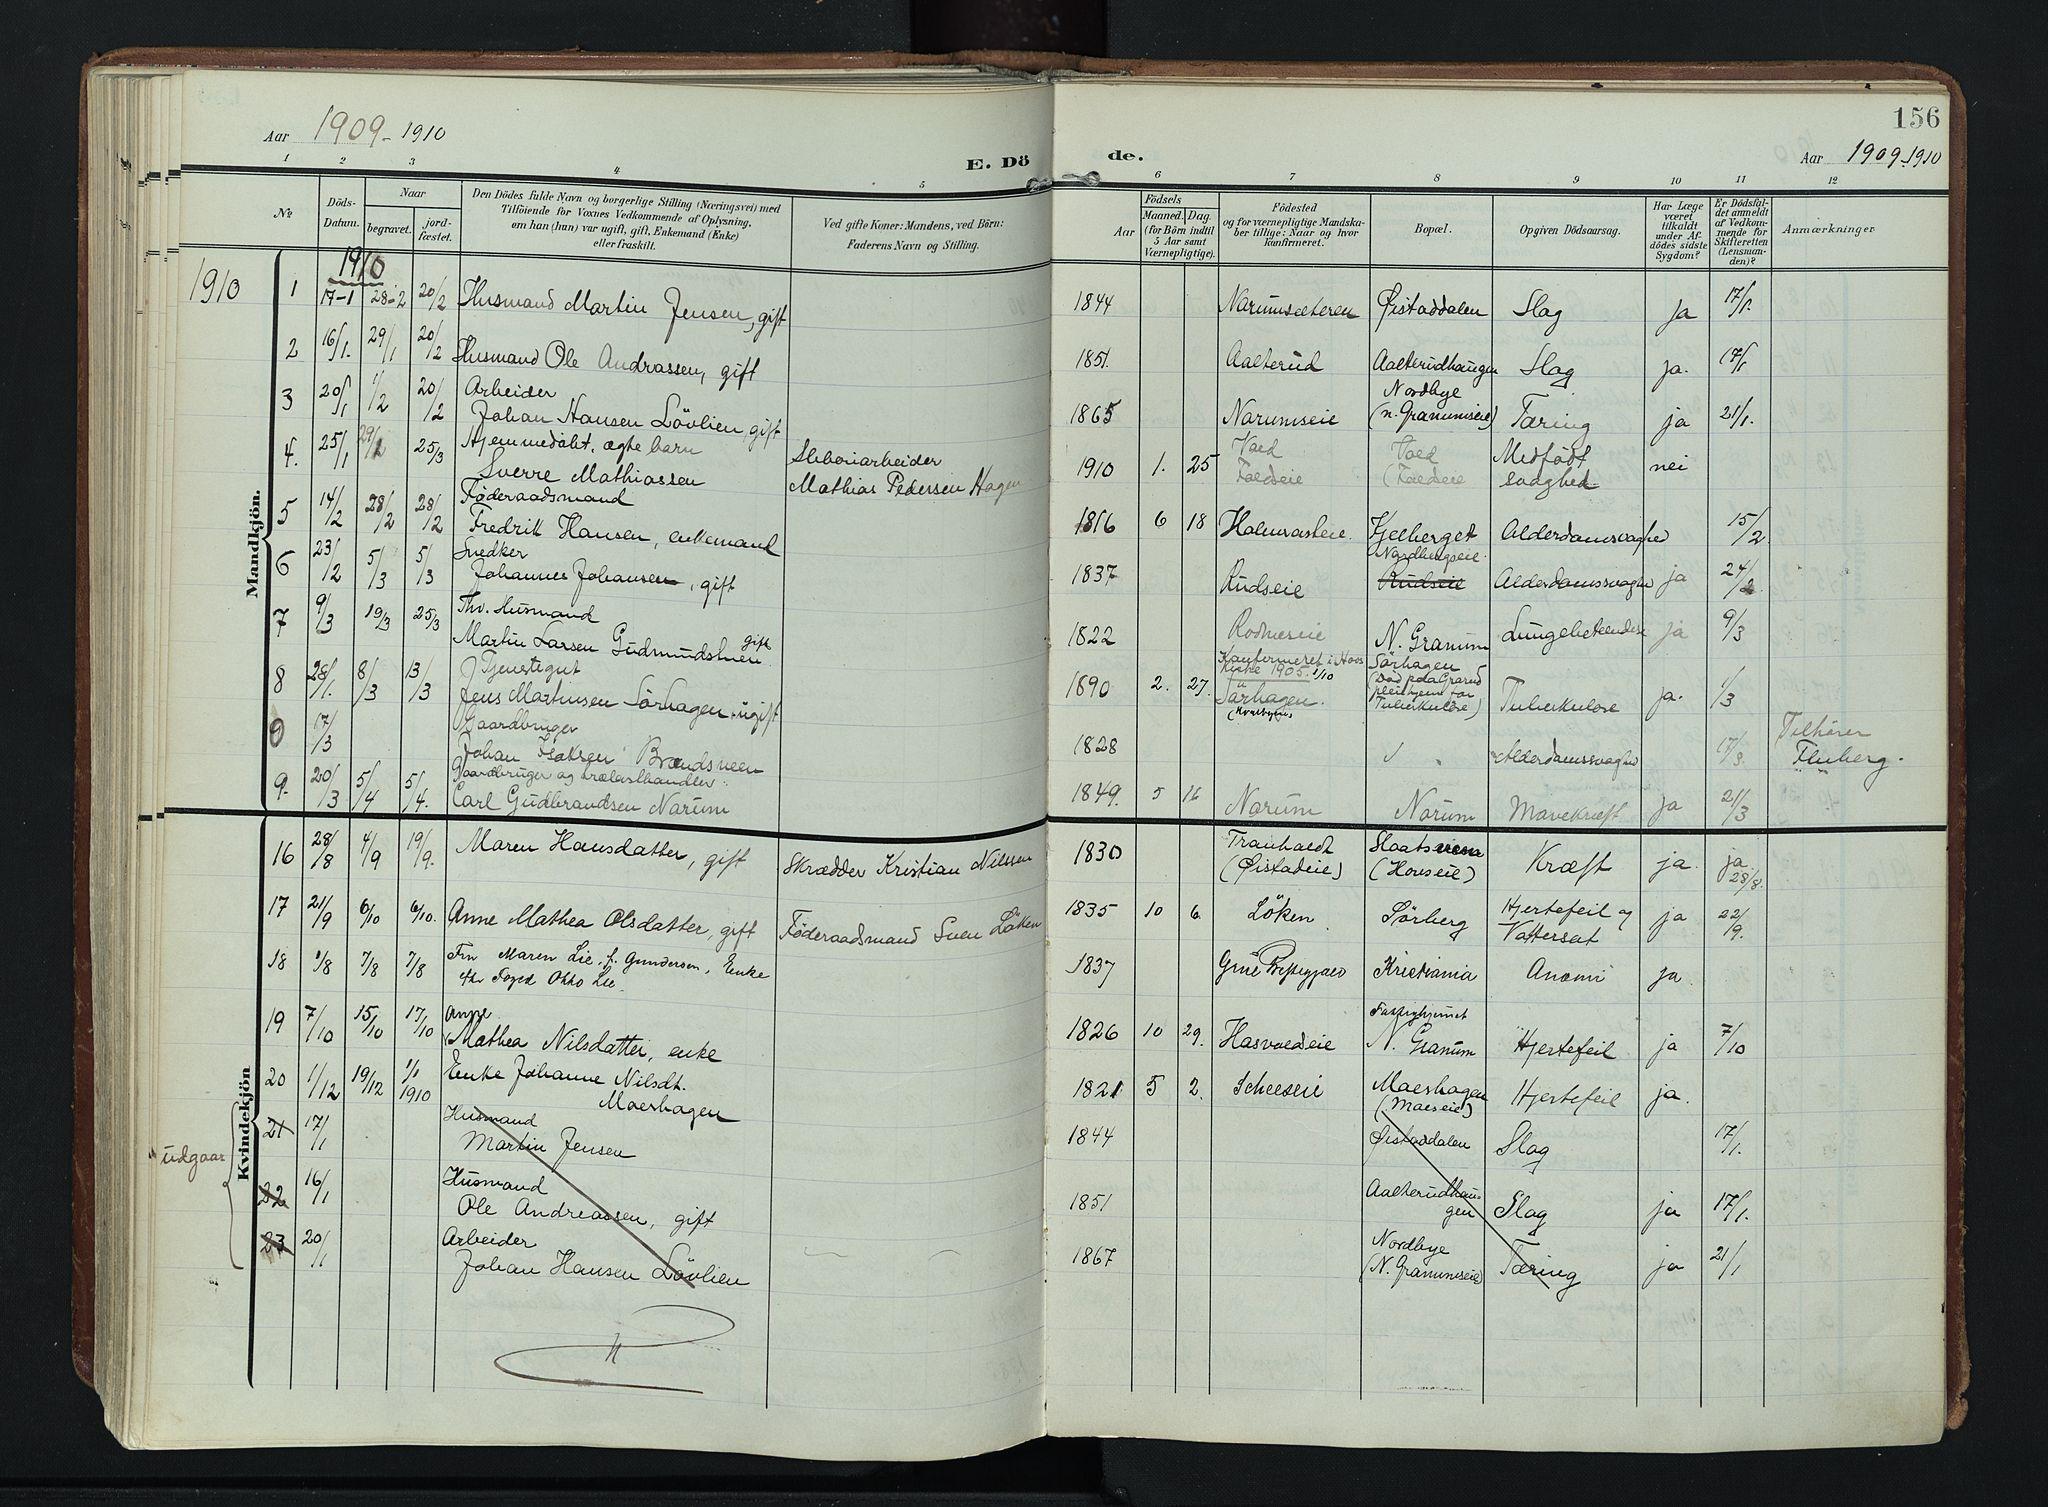 SAH, Søndre Land prestekontor, K/L0007: Ministerialbok nr. 7, 1905-1914, s. 156